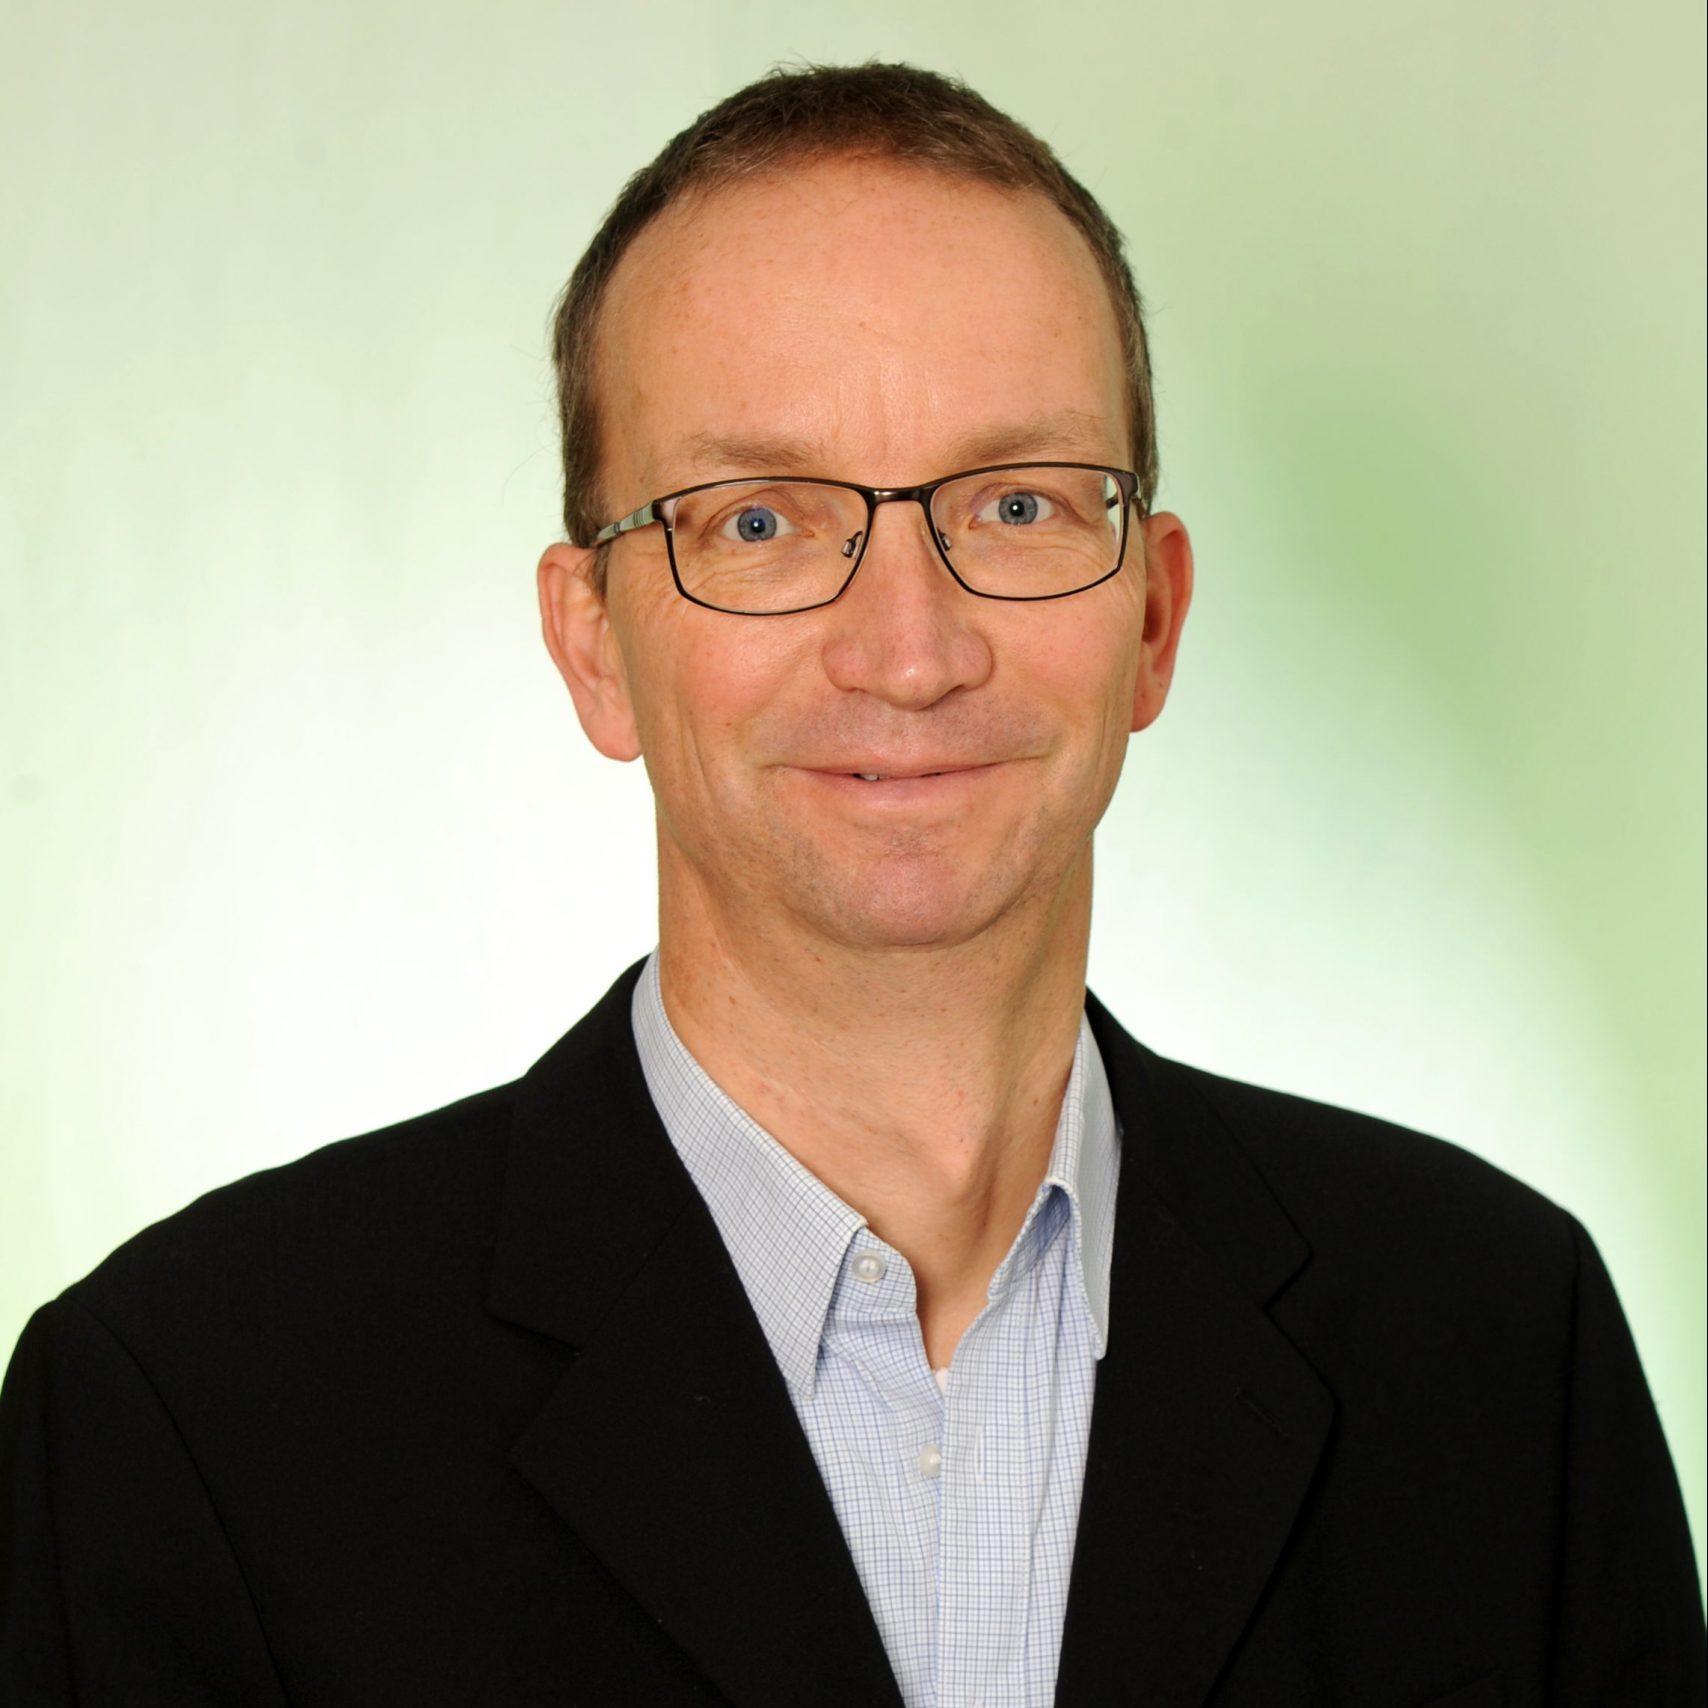 Dr. Matthias Schmidt-Eule